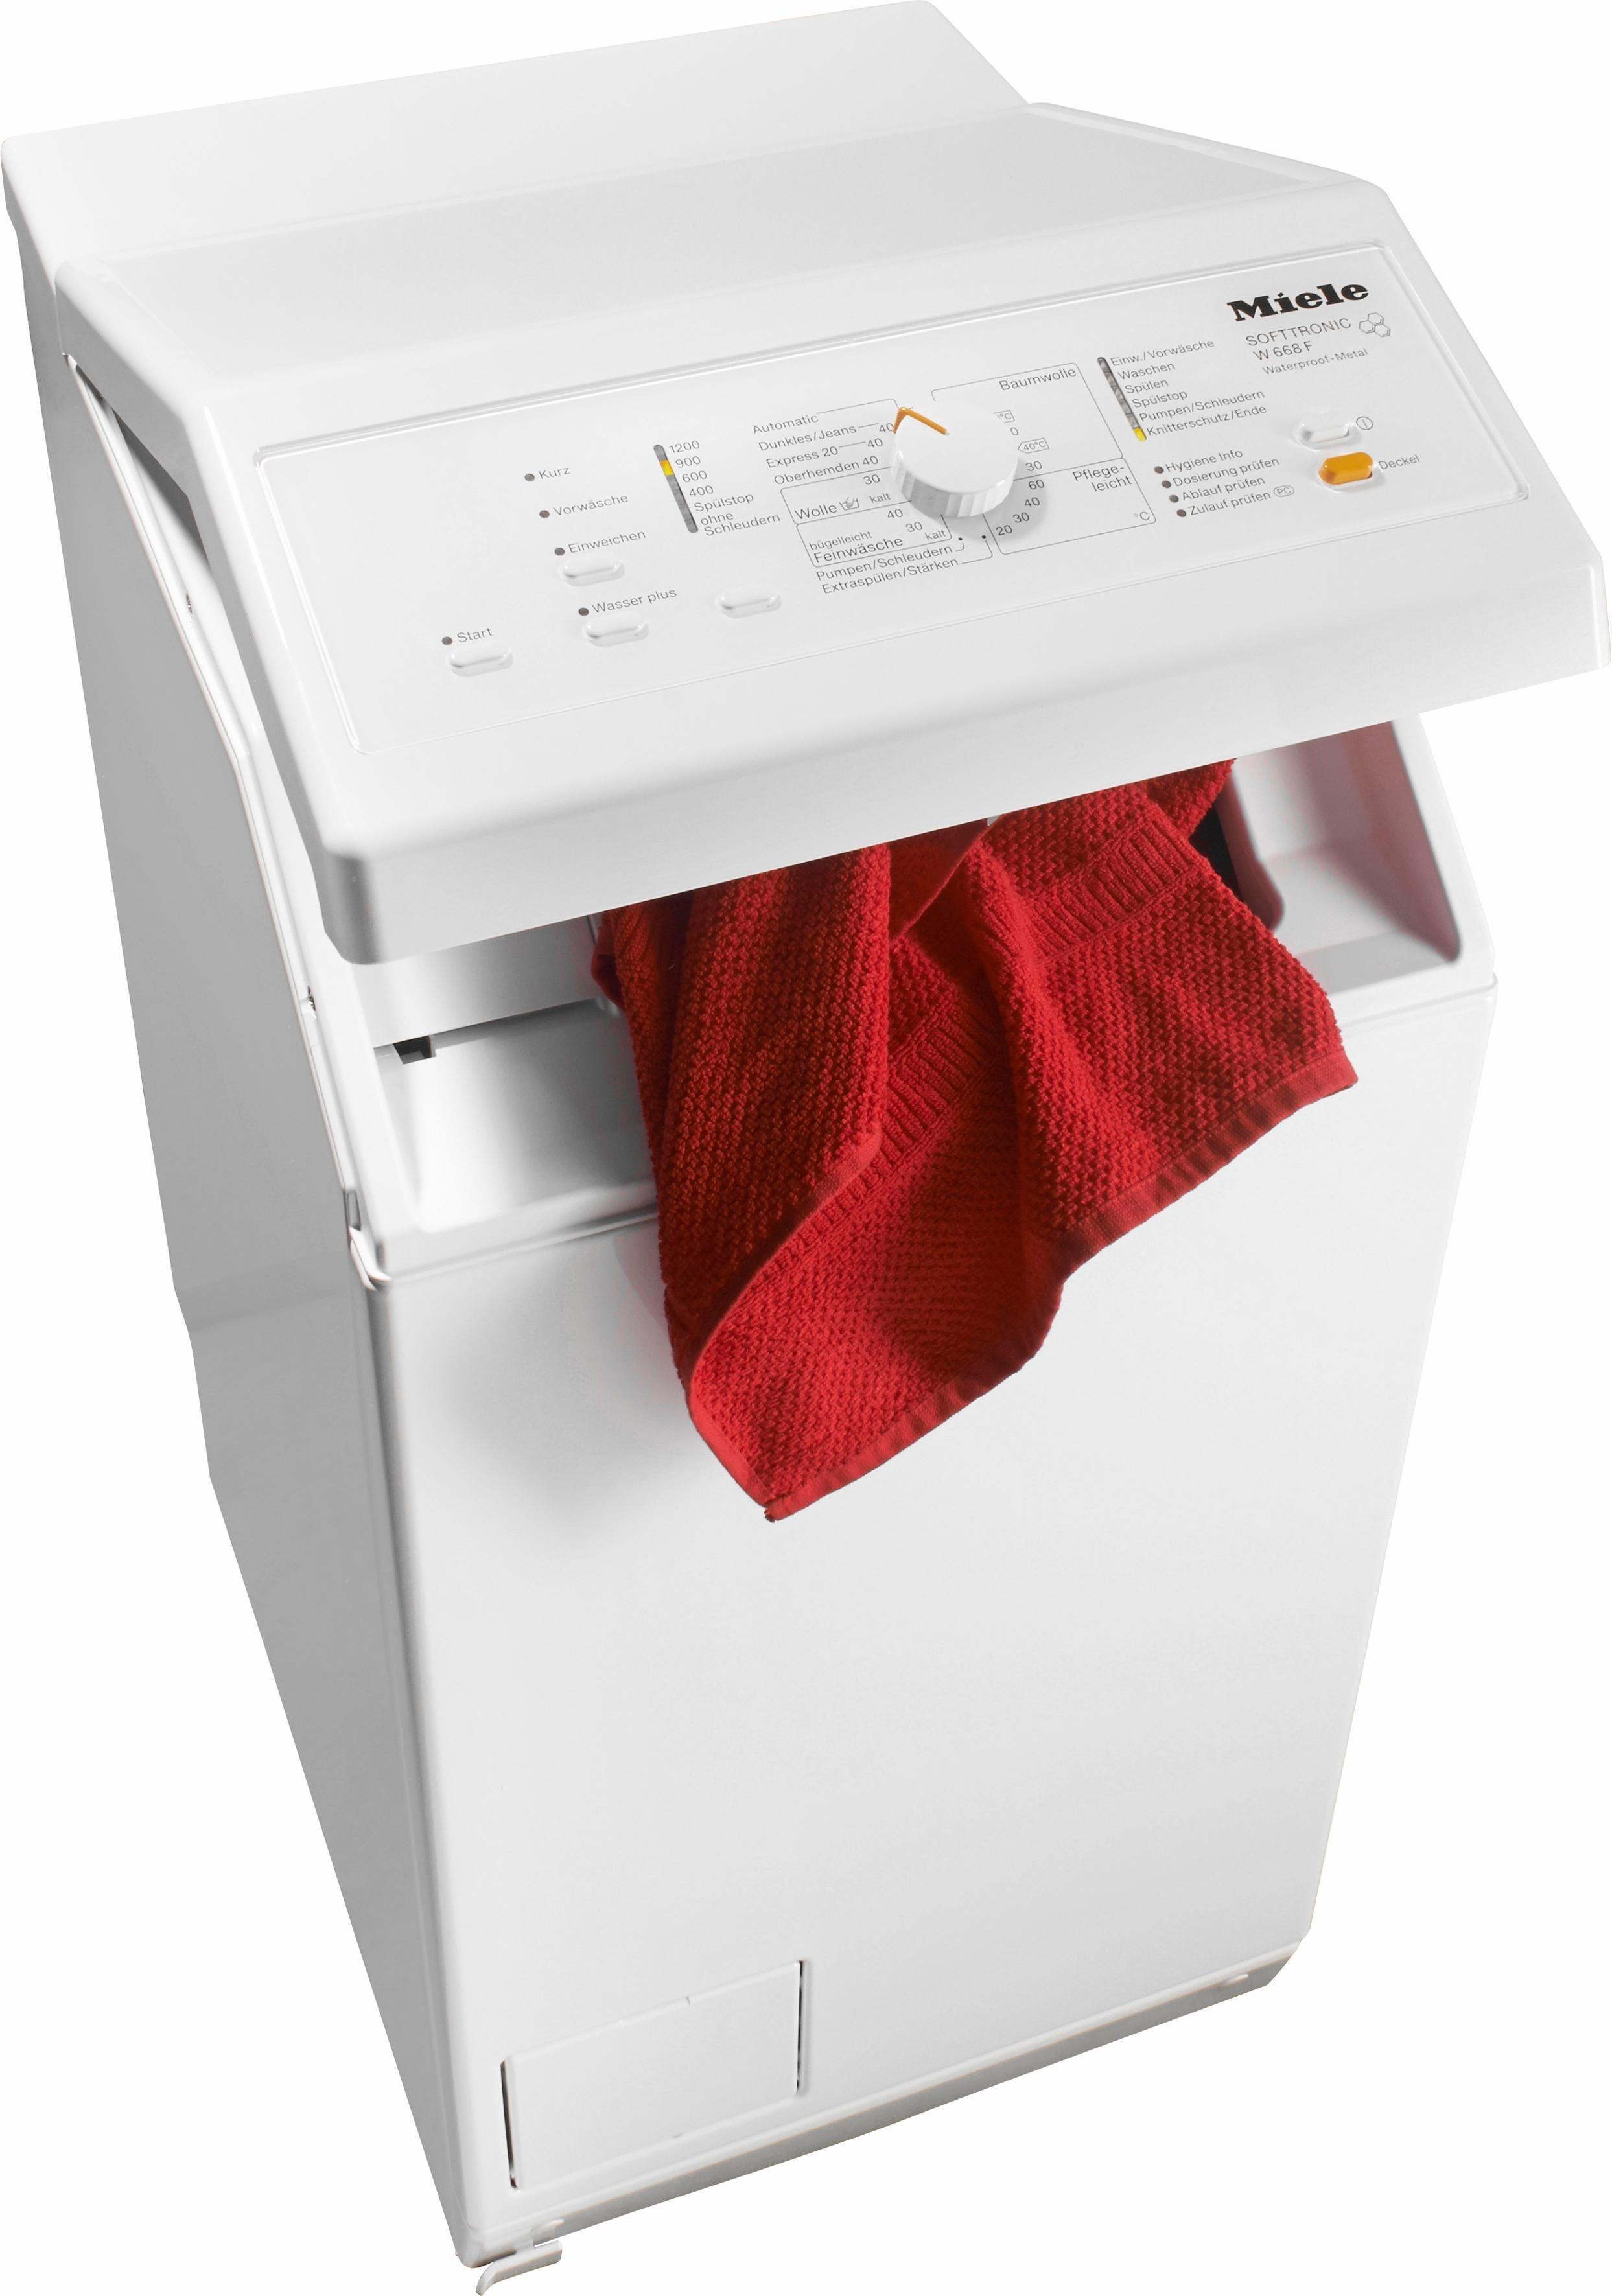 Waschmaschine Toplader W 668 F WPM, 6 kg, 1200 U/Min